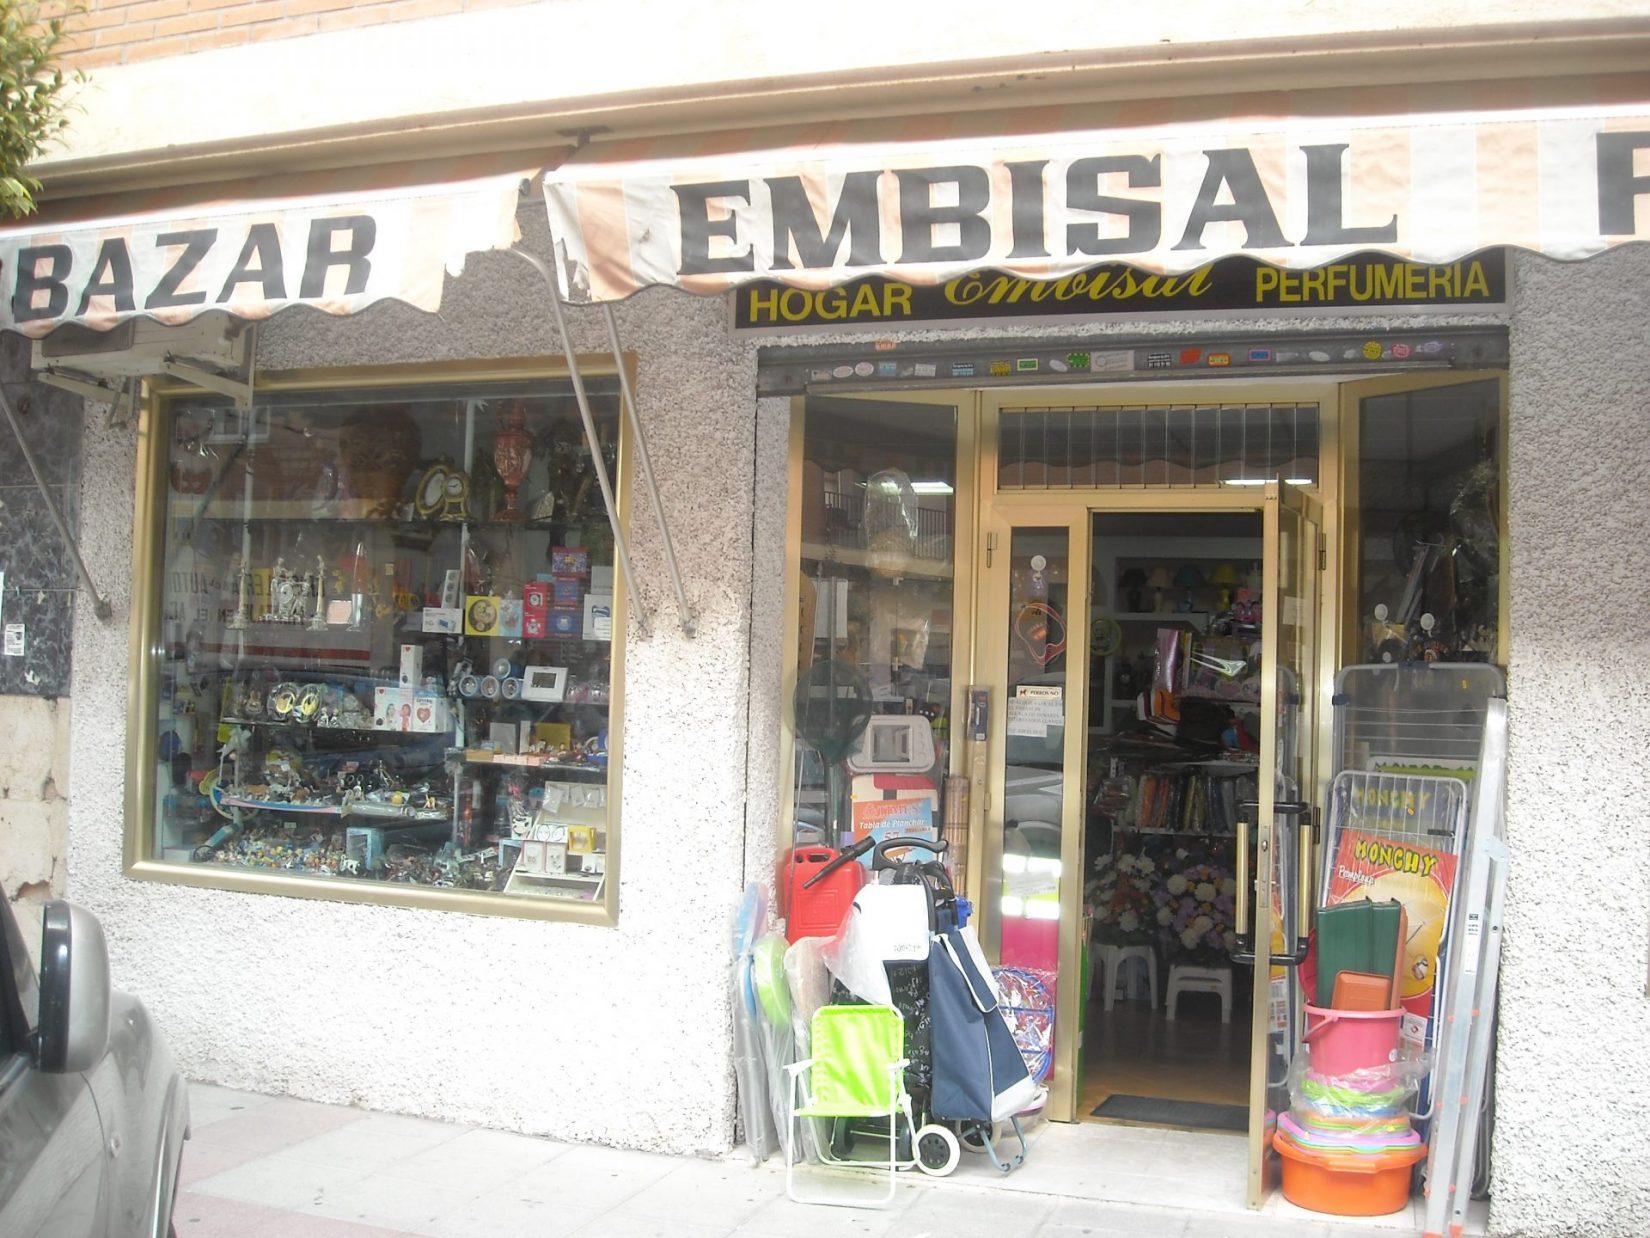 BAZAR EMBISAL